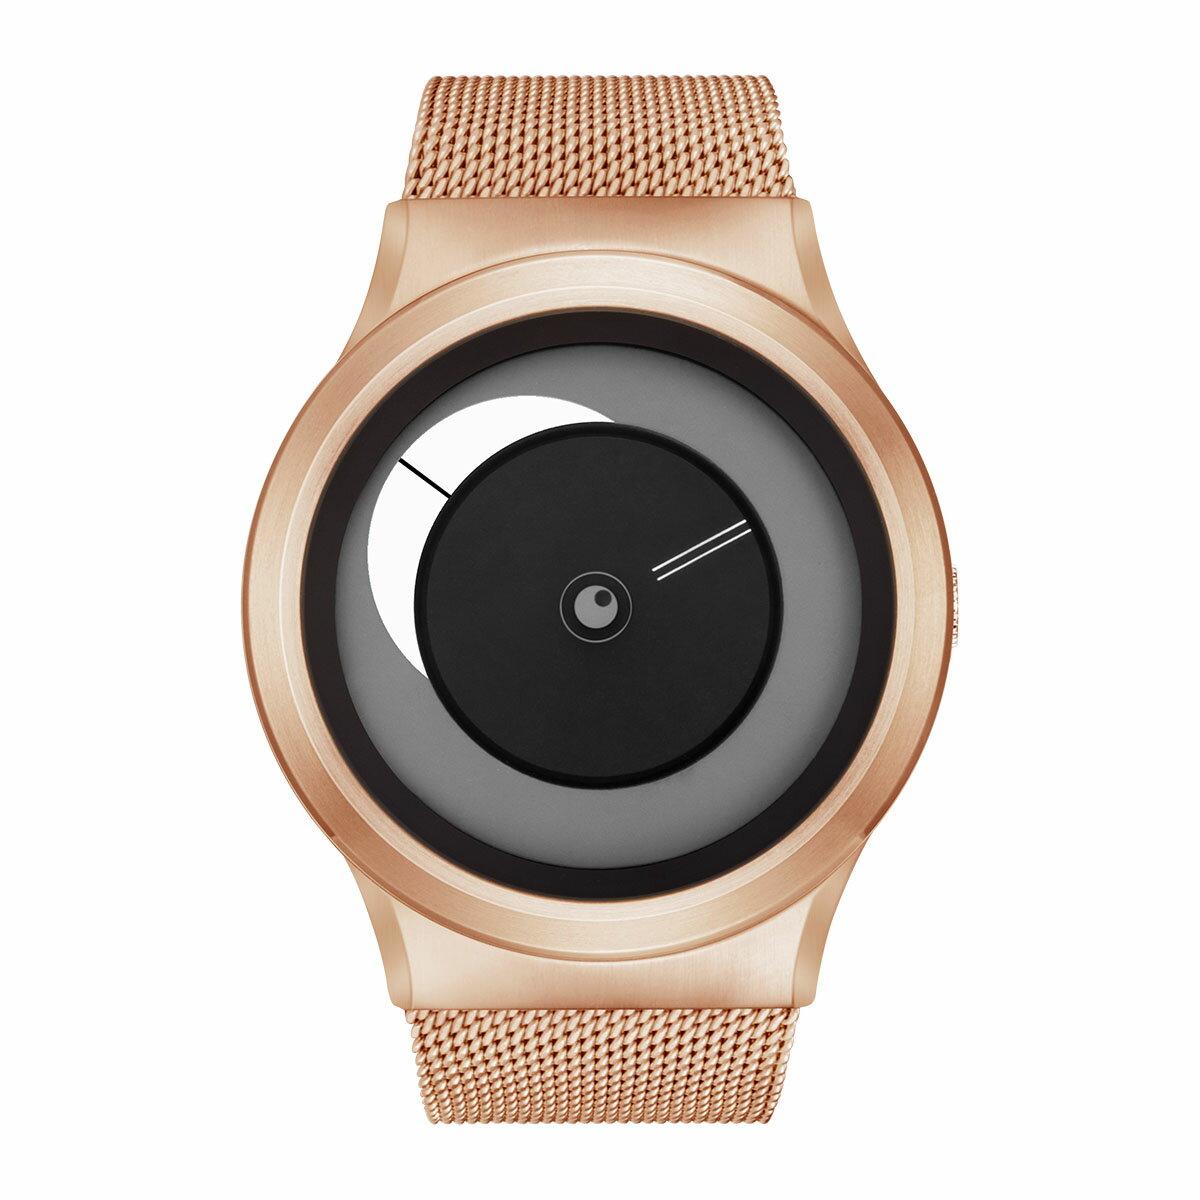 ZEROO CRESCENT MOON ゼロ 電池式クォーツ 腕時計 [W09037B05SM05] ホワイト デザインウォッチ ペア用 メンズ レディース ユニセックス おしゃれ時計 デザイナーズ